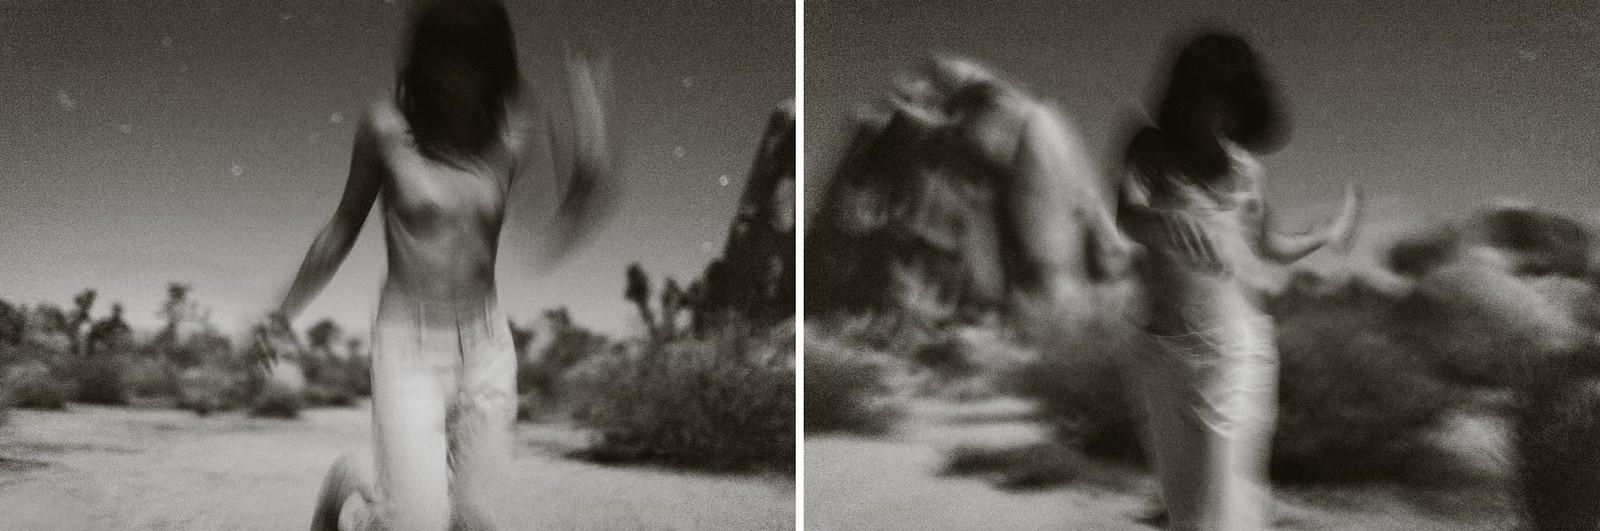 Ben Sasso // Katch Silva // Joshua Tree // Moon light